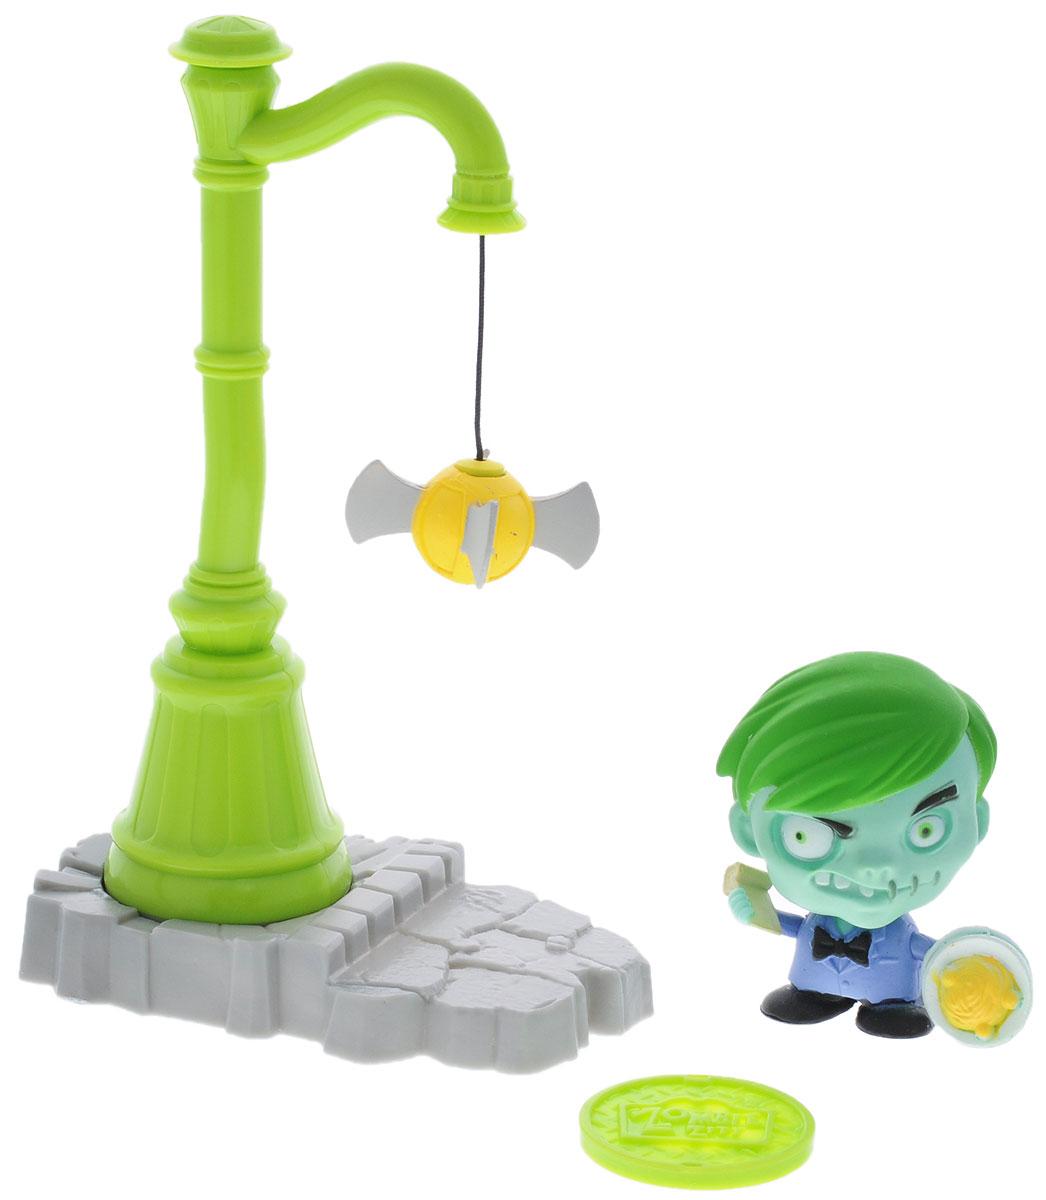 Фото Zombie Zity Игровой набор Ловушка для зомби Филипп Снотти и Фонарный столб. Купить  в РФ